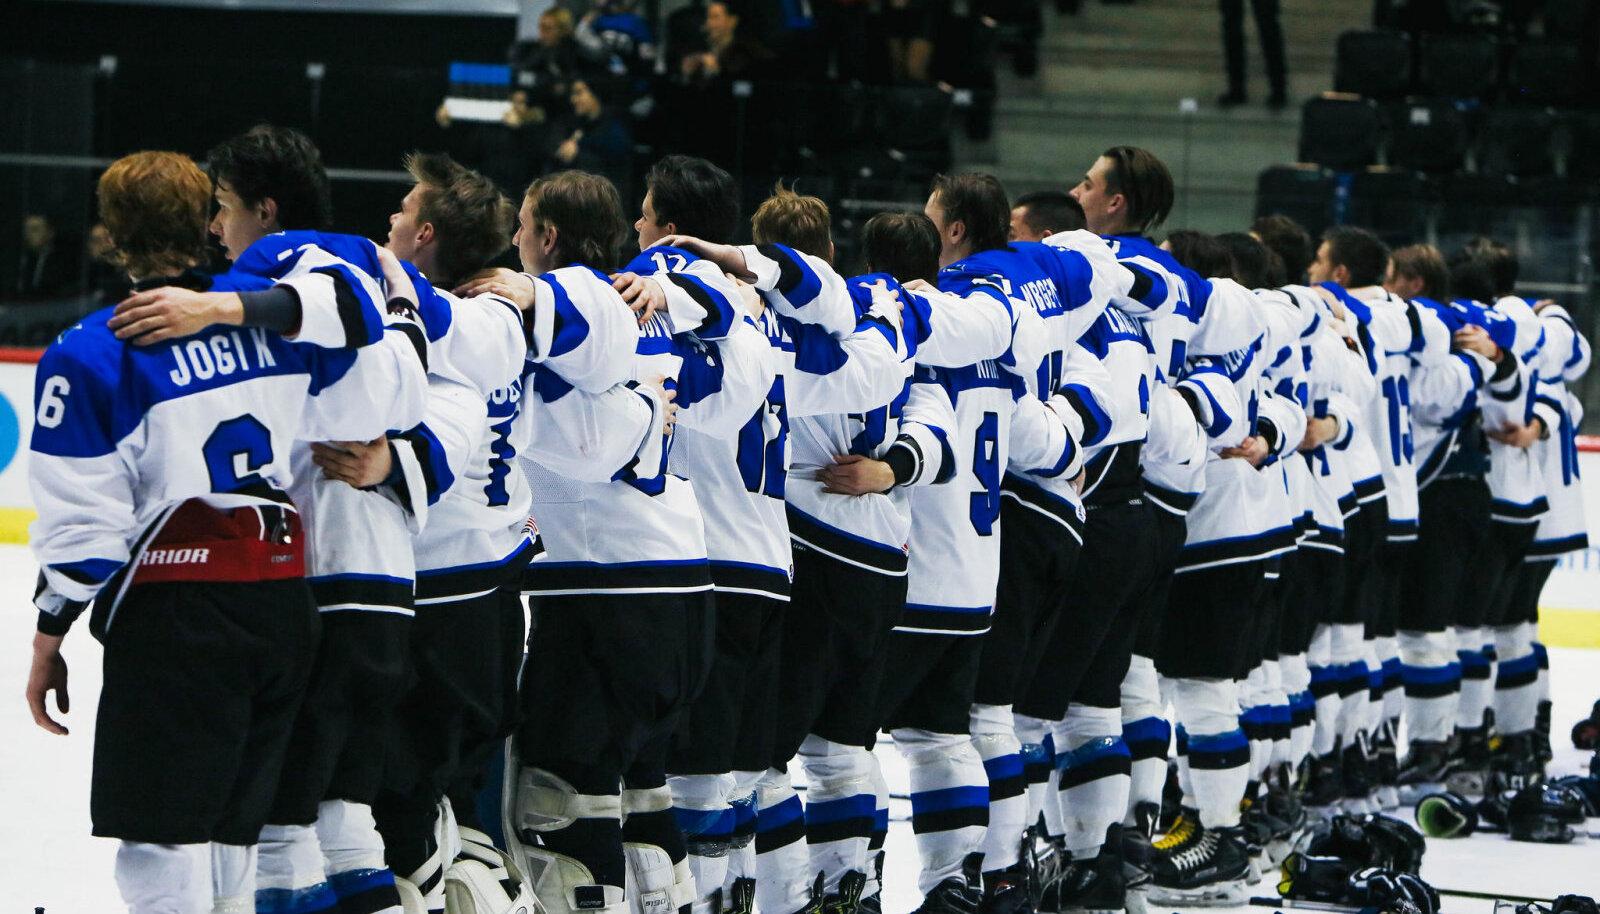 Eesti U20 jäähokikoondis